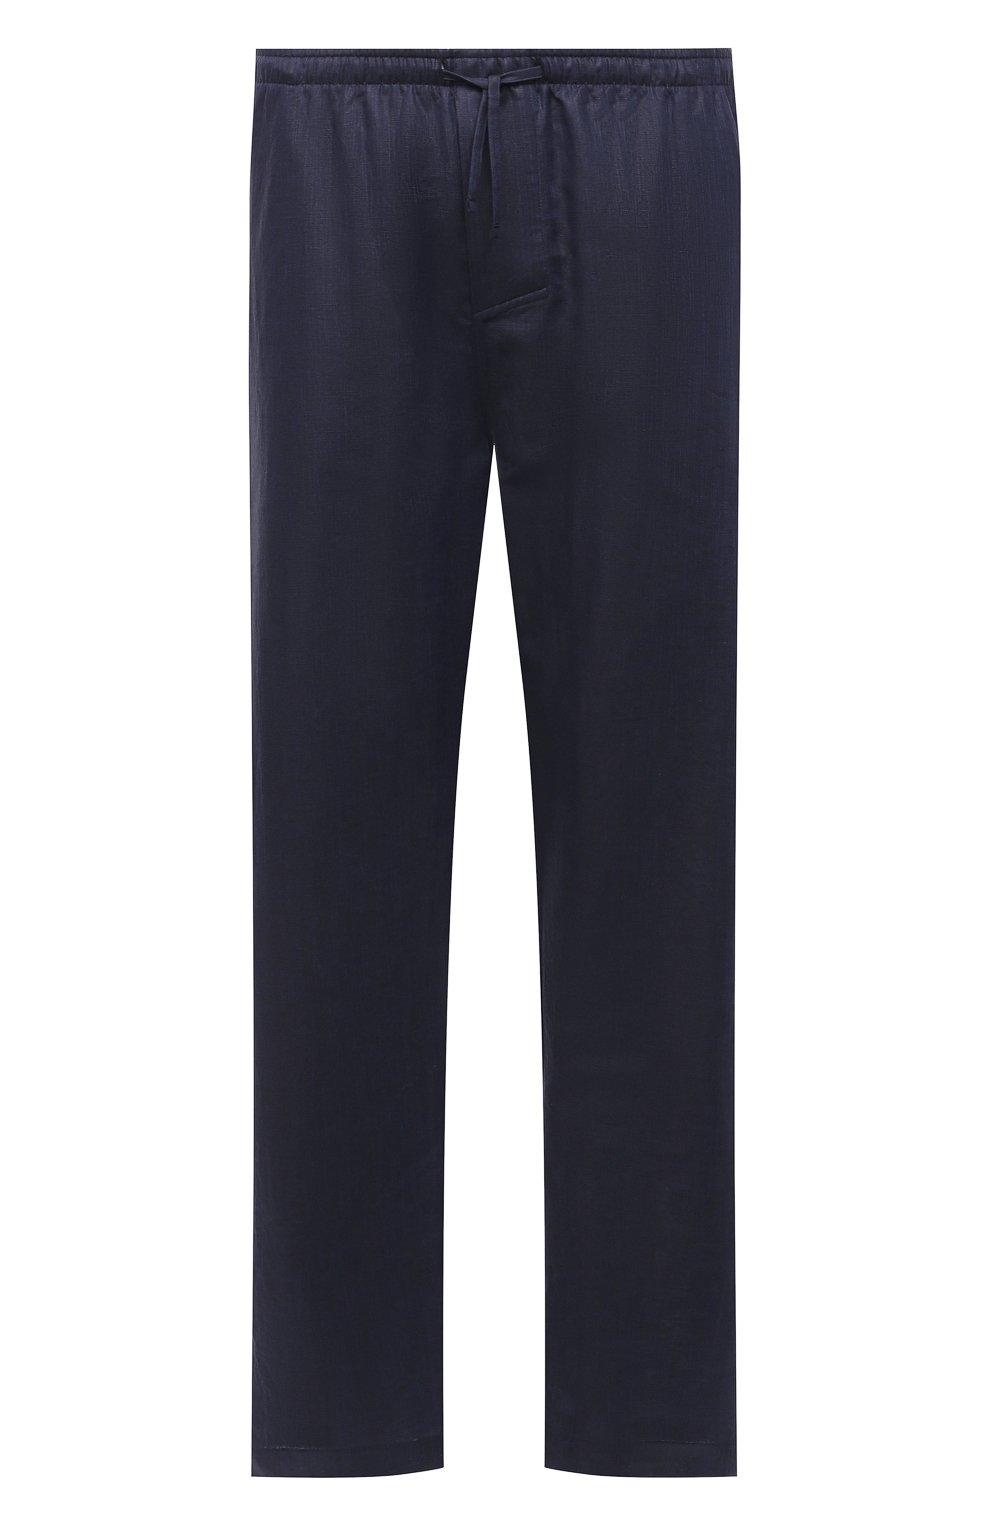 Мужские домашние брюки изо льна и хлопка ZIMMERLI темно-синего цвета, арт. 4697-75183   Фото 1 (Длина (брюки, джинсы): Стандартные; Кросс-КТ: домашняя одежда; Мужское Кросс-КТ: Брюки-белье; Материал внешний: Хлопок, Лен)